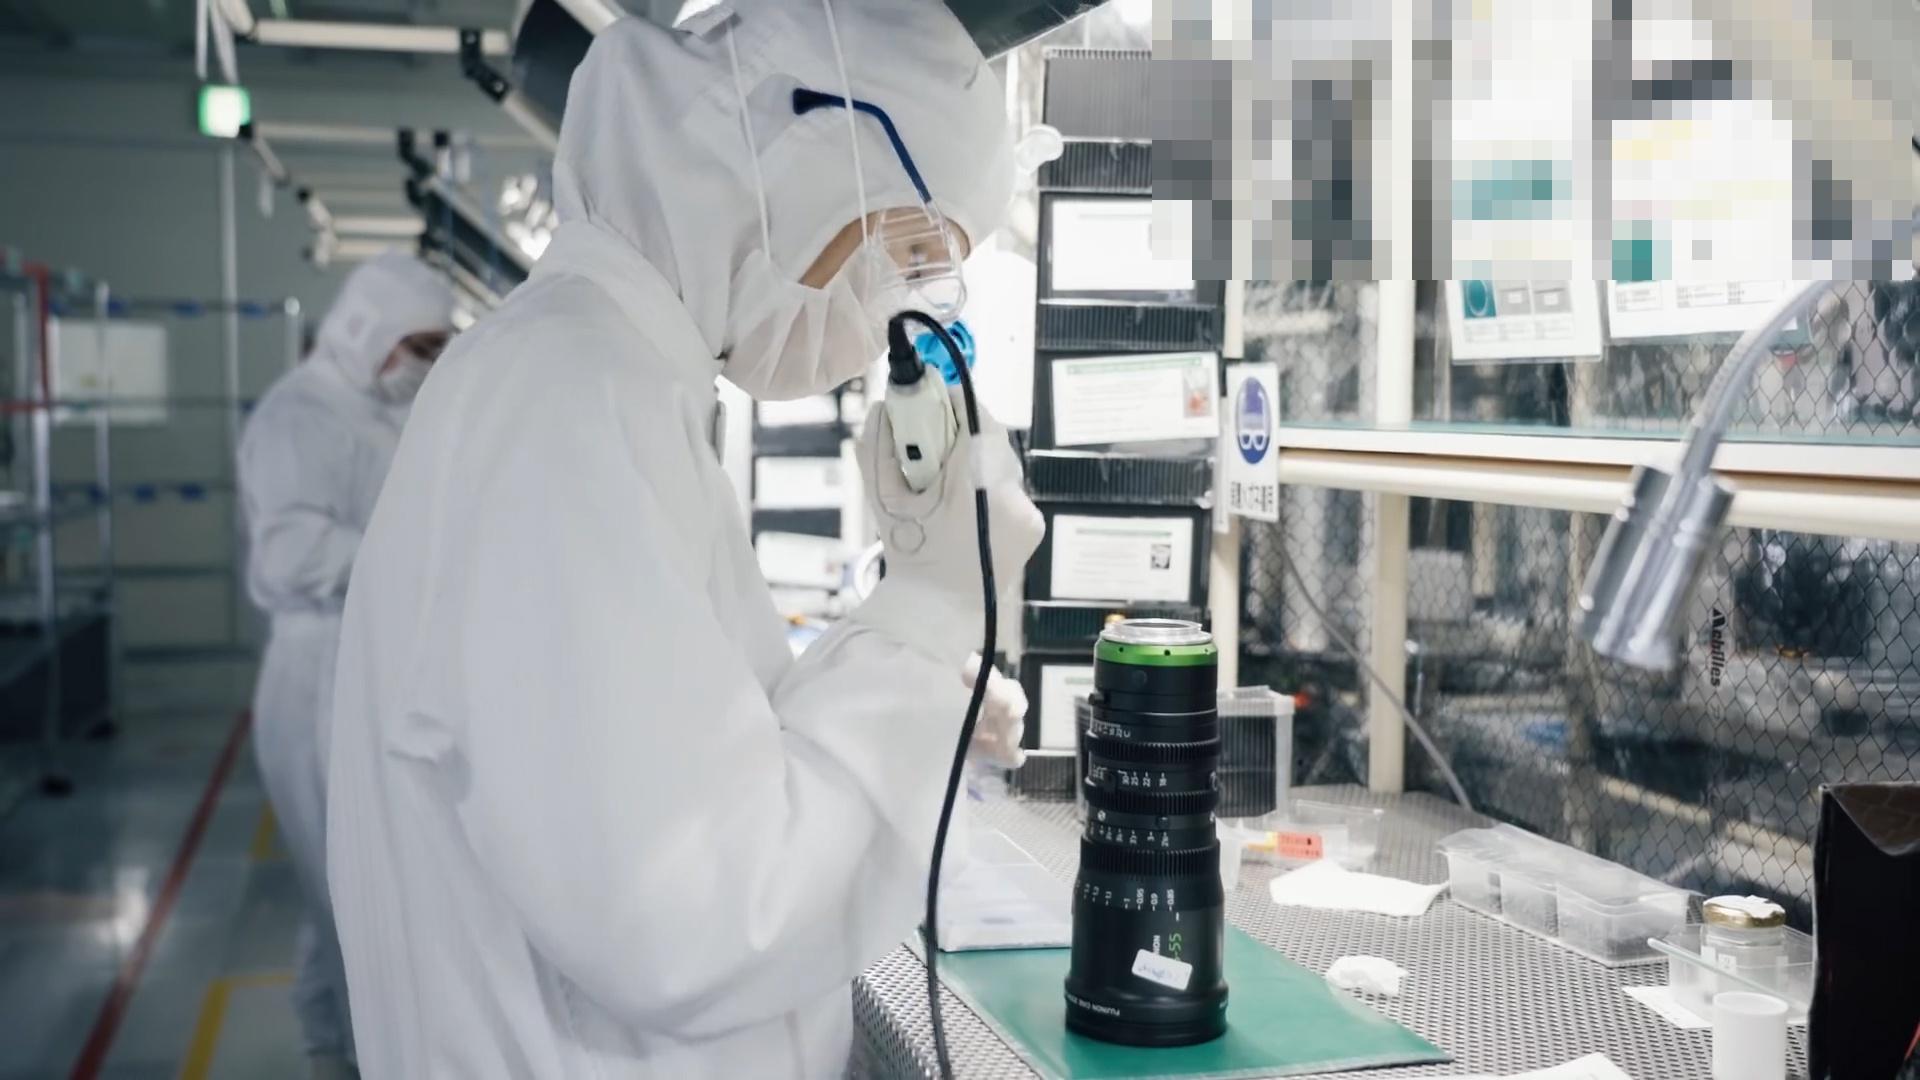 富士日本工厂探秘:看XT2相机MK镜头如何生产